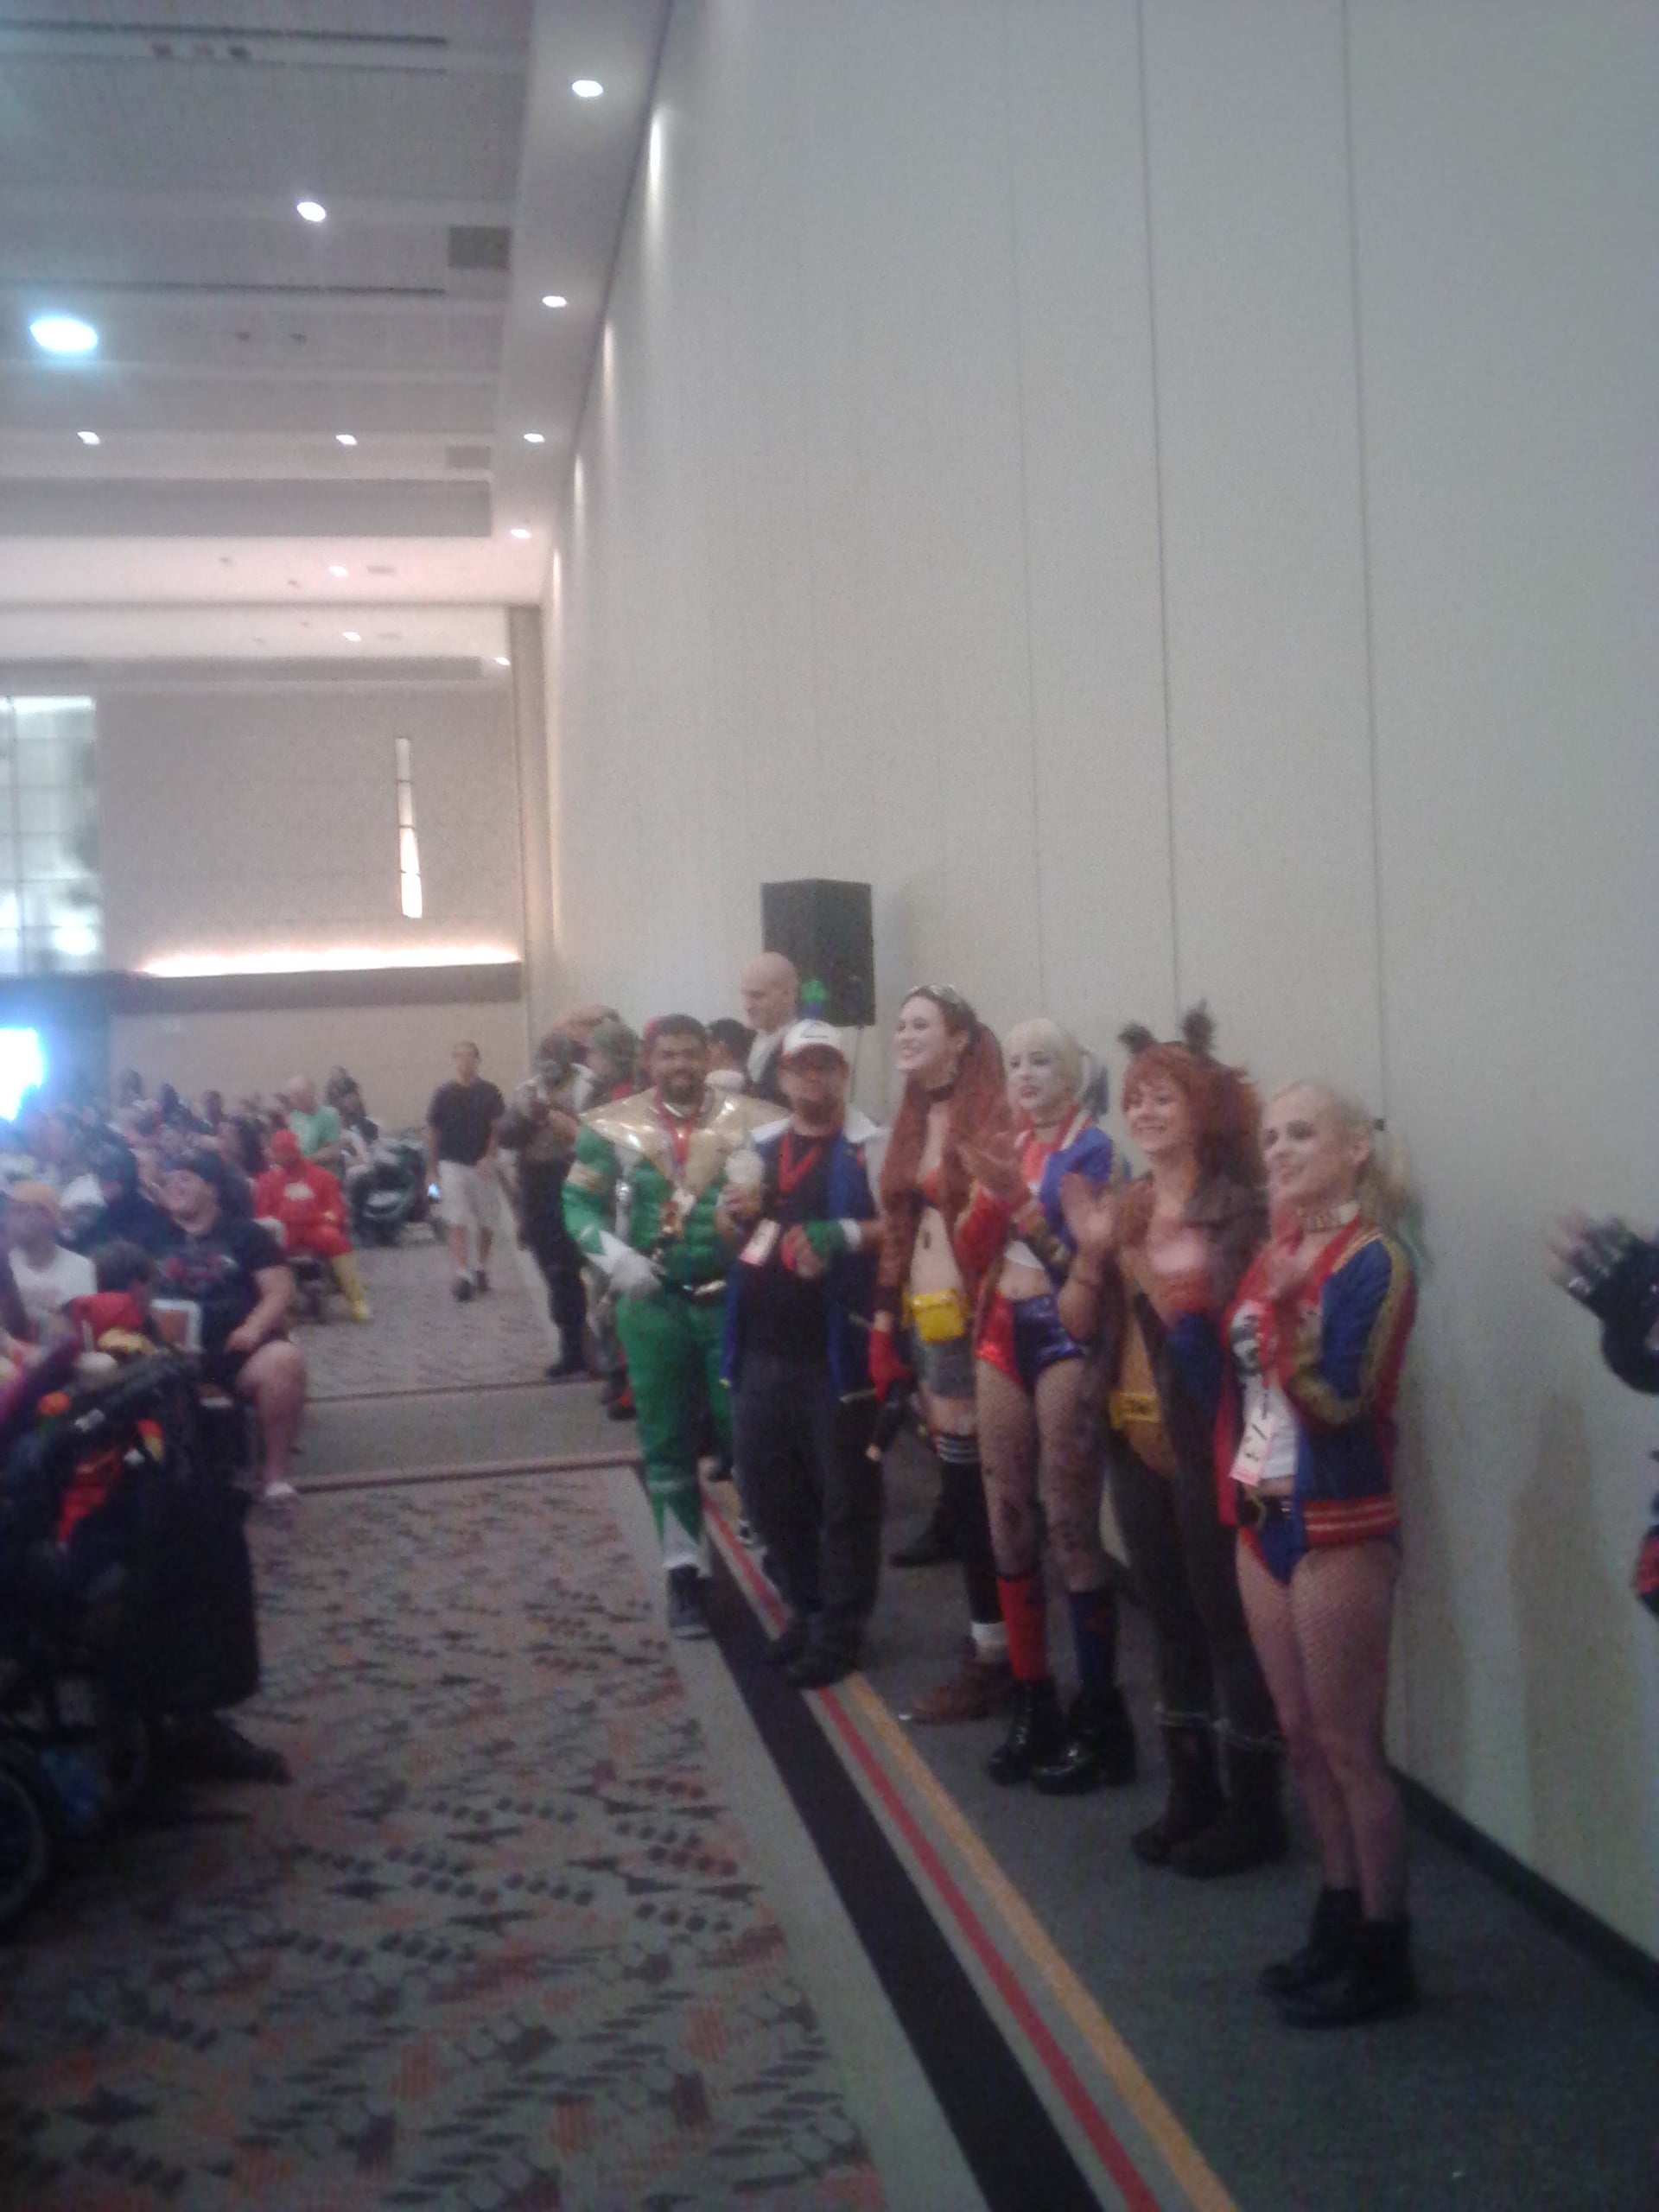 Baltimore comic con 2016 cosplay